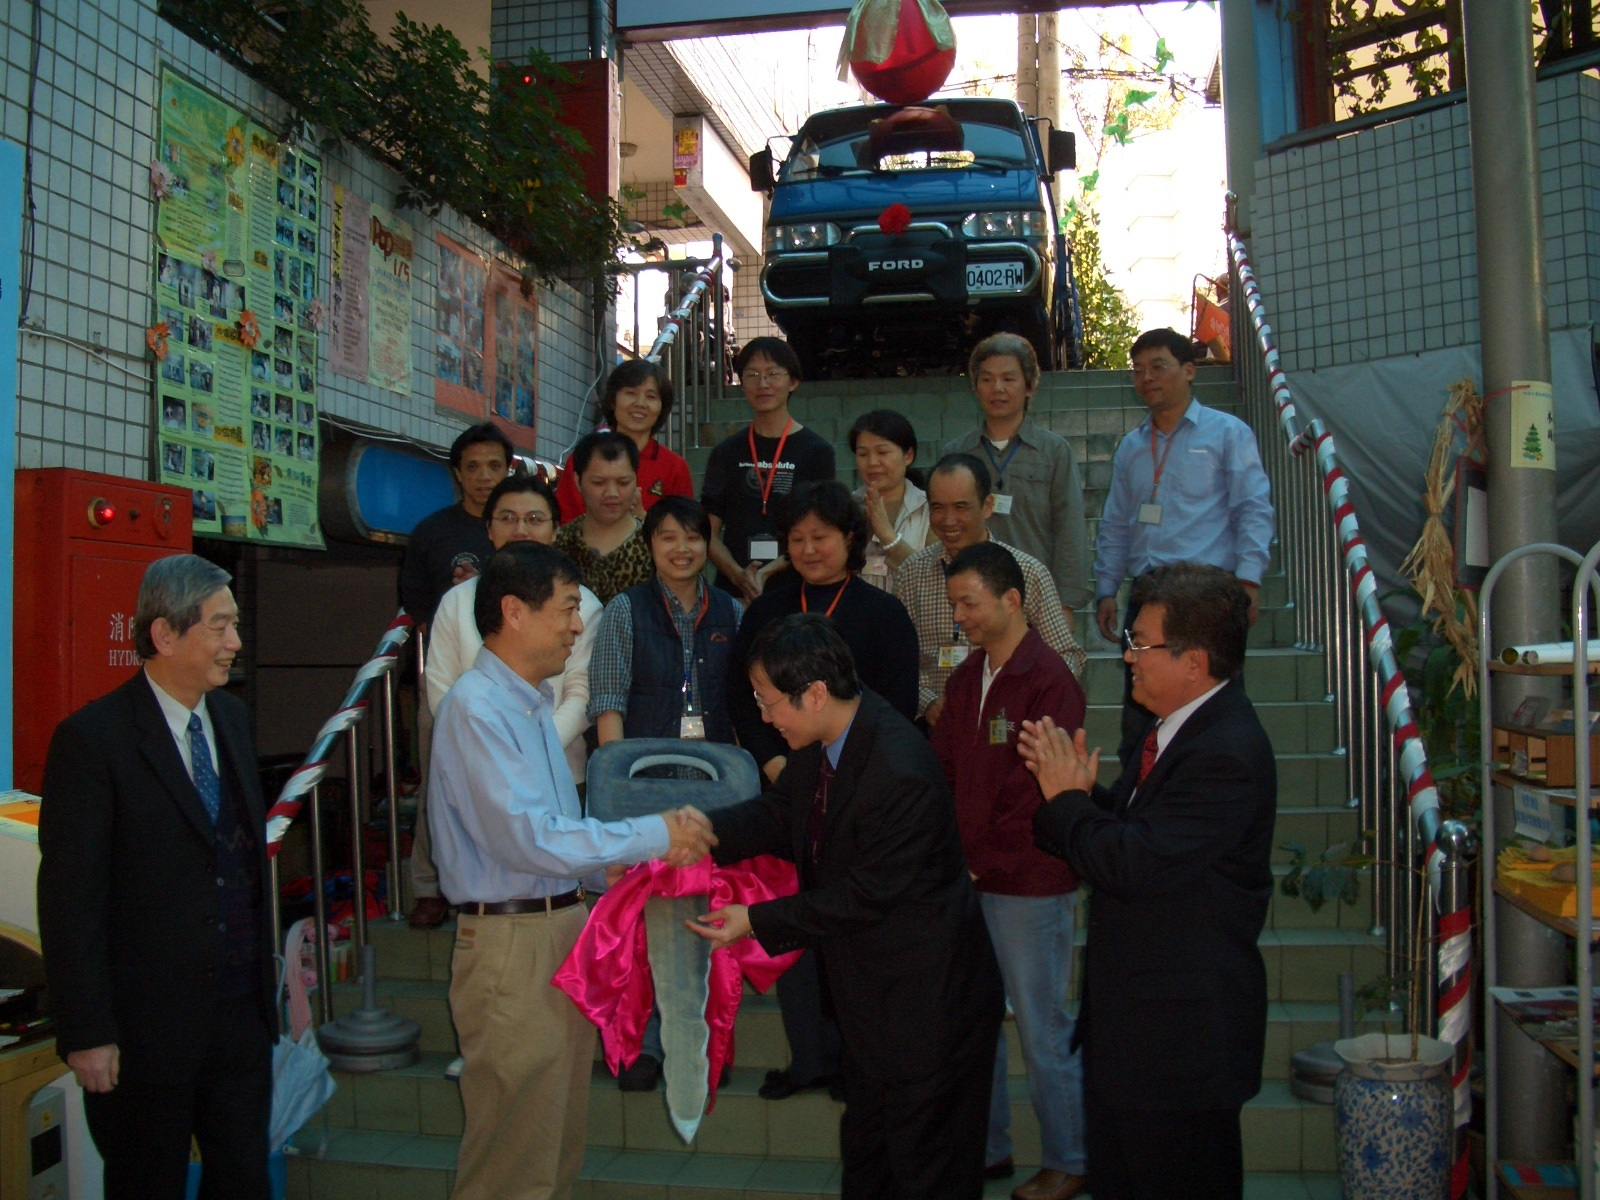 受到秦老師感動 木匠的家獲捐贈一台貨車.jpg